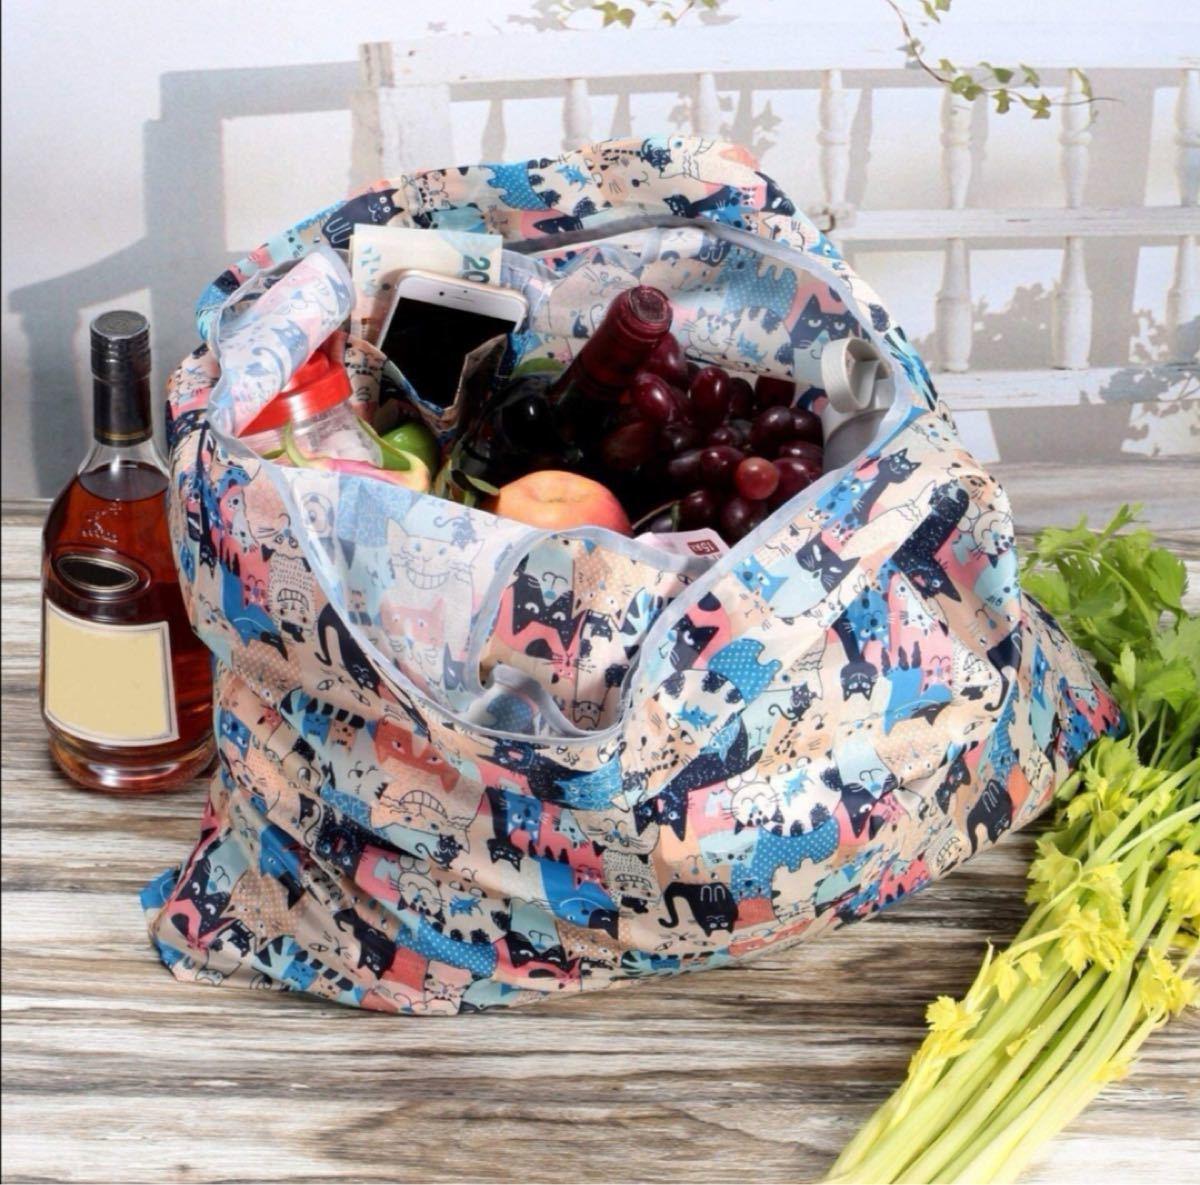 エコバッグ 折りたたみ 買い物袋 買い物バッグ 防水素材 大容量  002